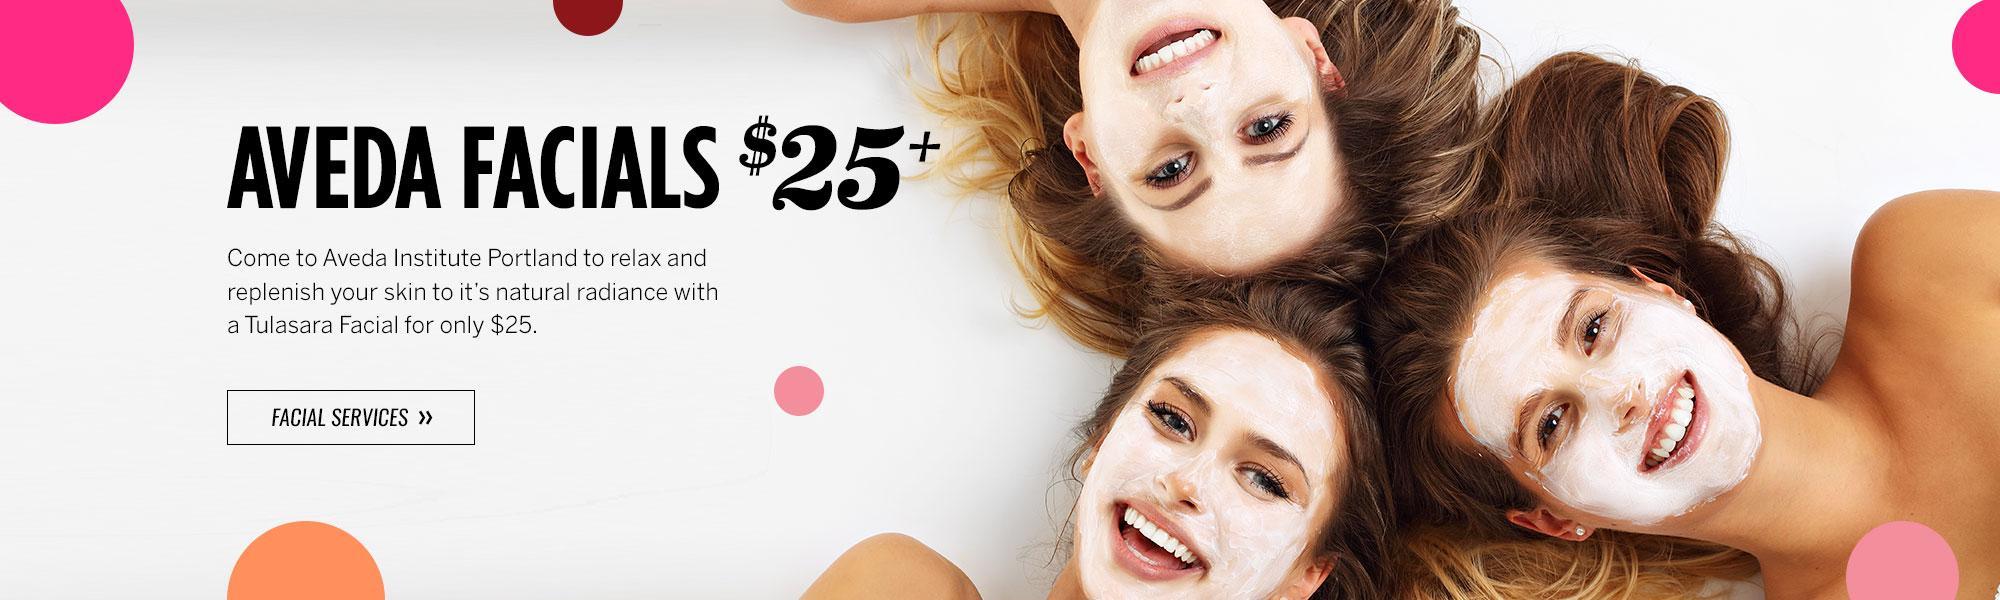 Facials, Spa, Tulasara, Beauty School, Spa Day, Budget